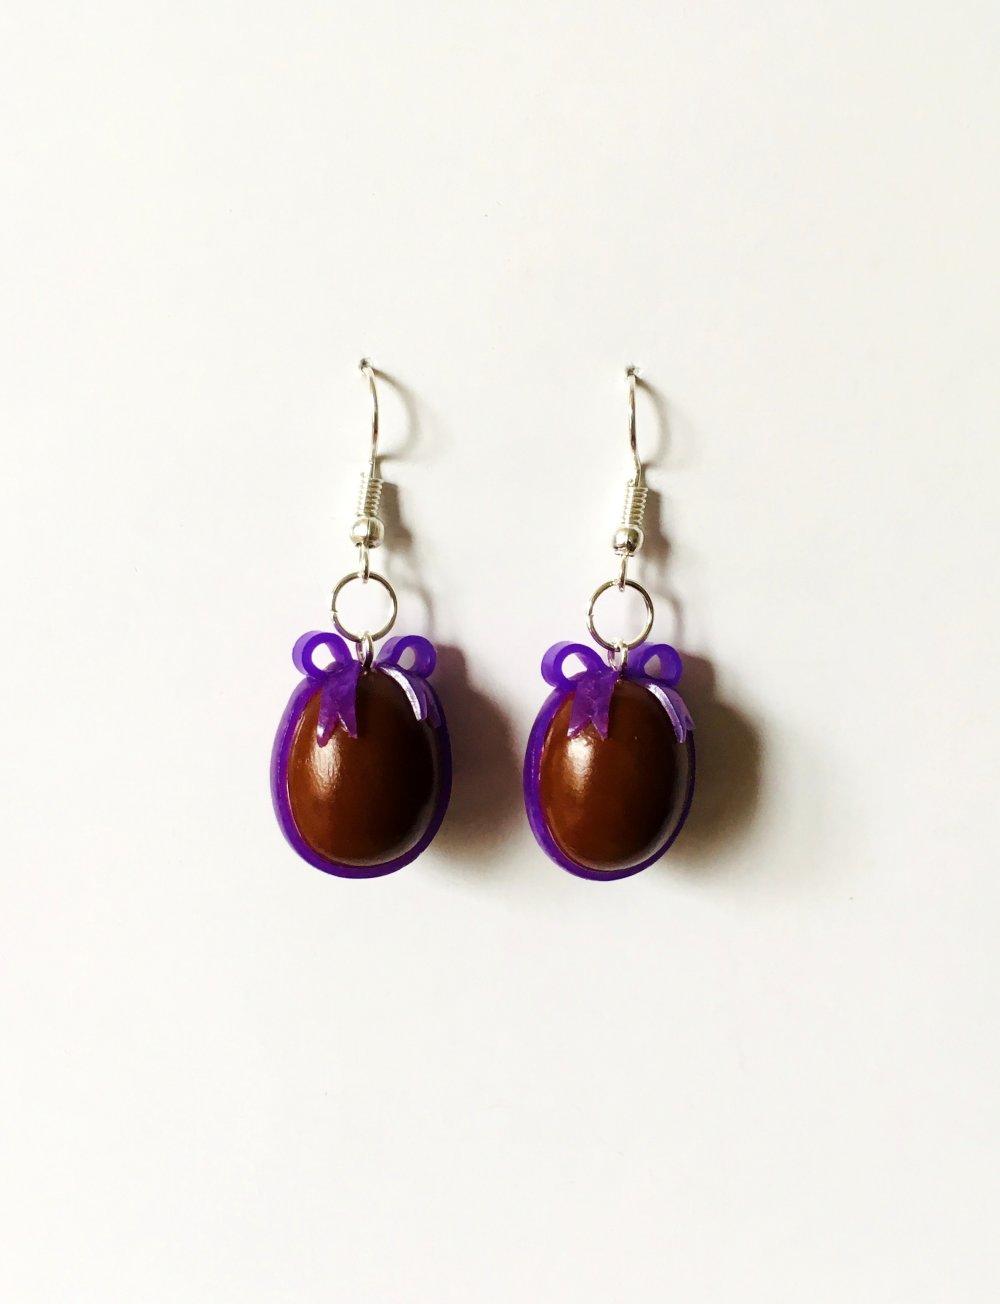 Boucles d'oreilles Fimo œuf de Pâques au chocolat et nœud violet